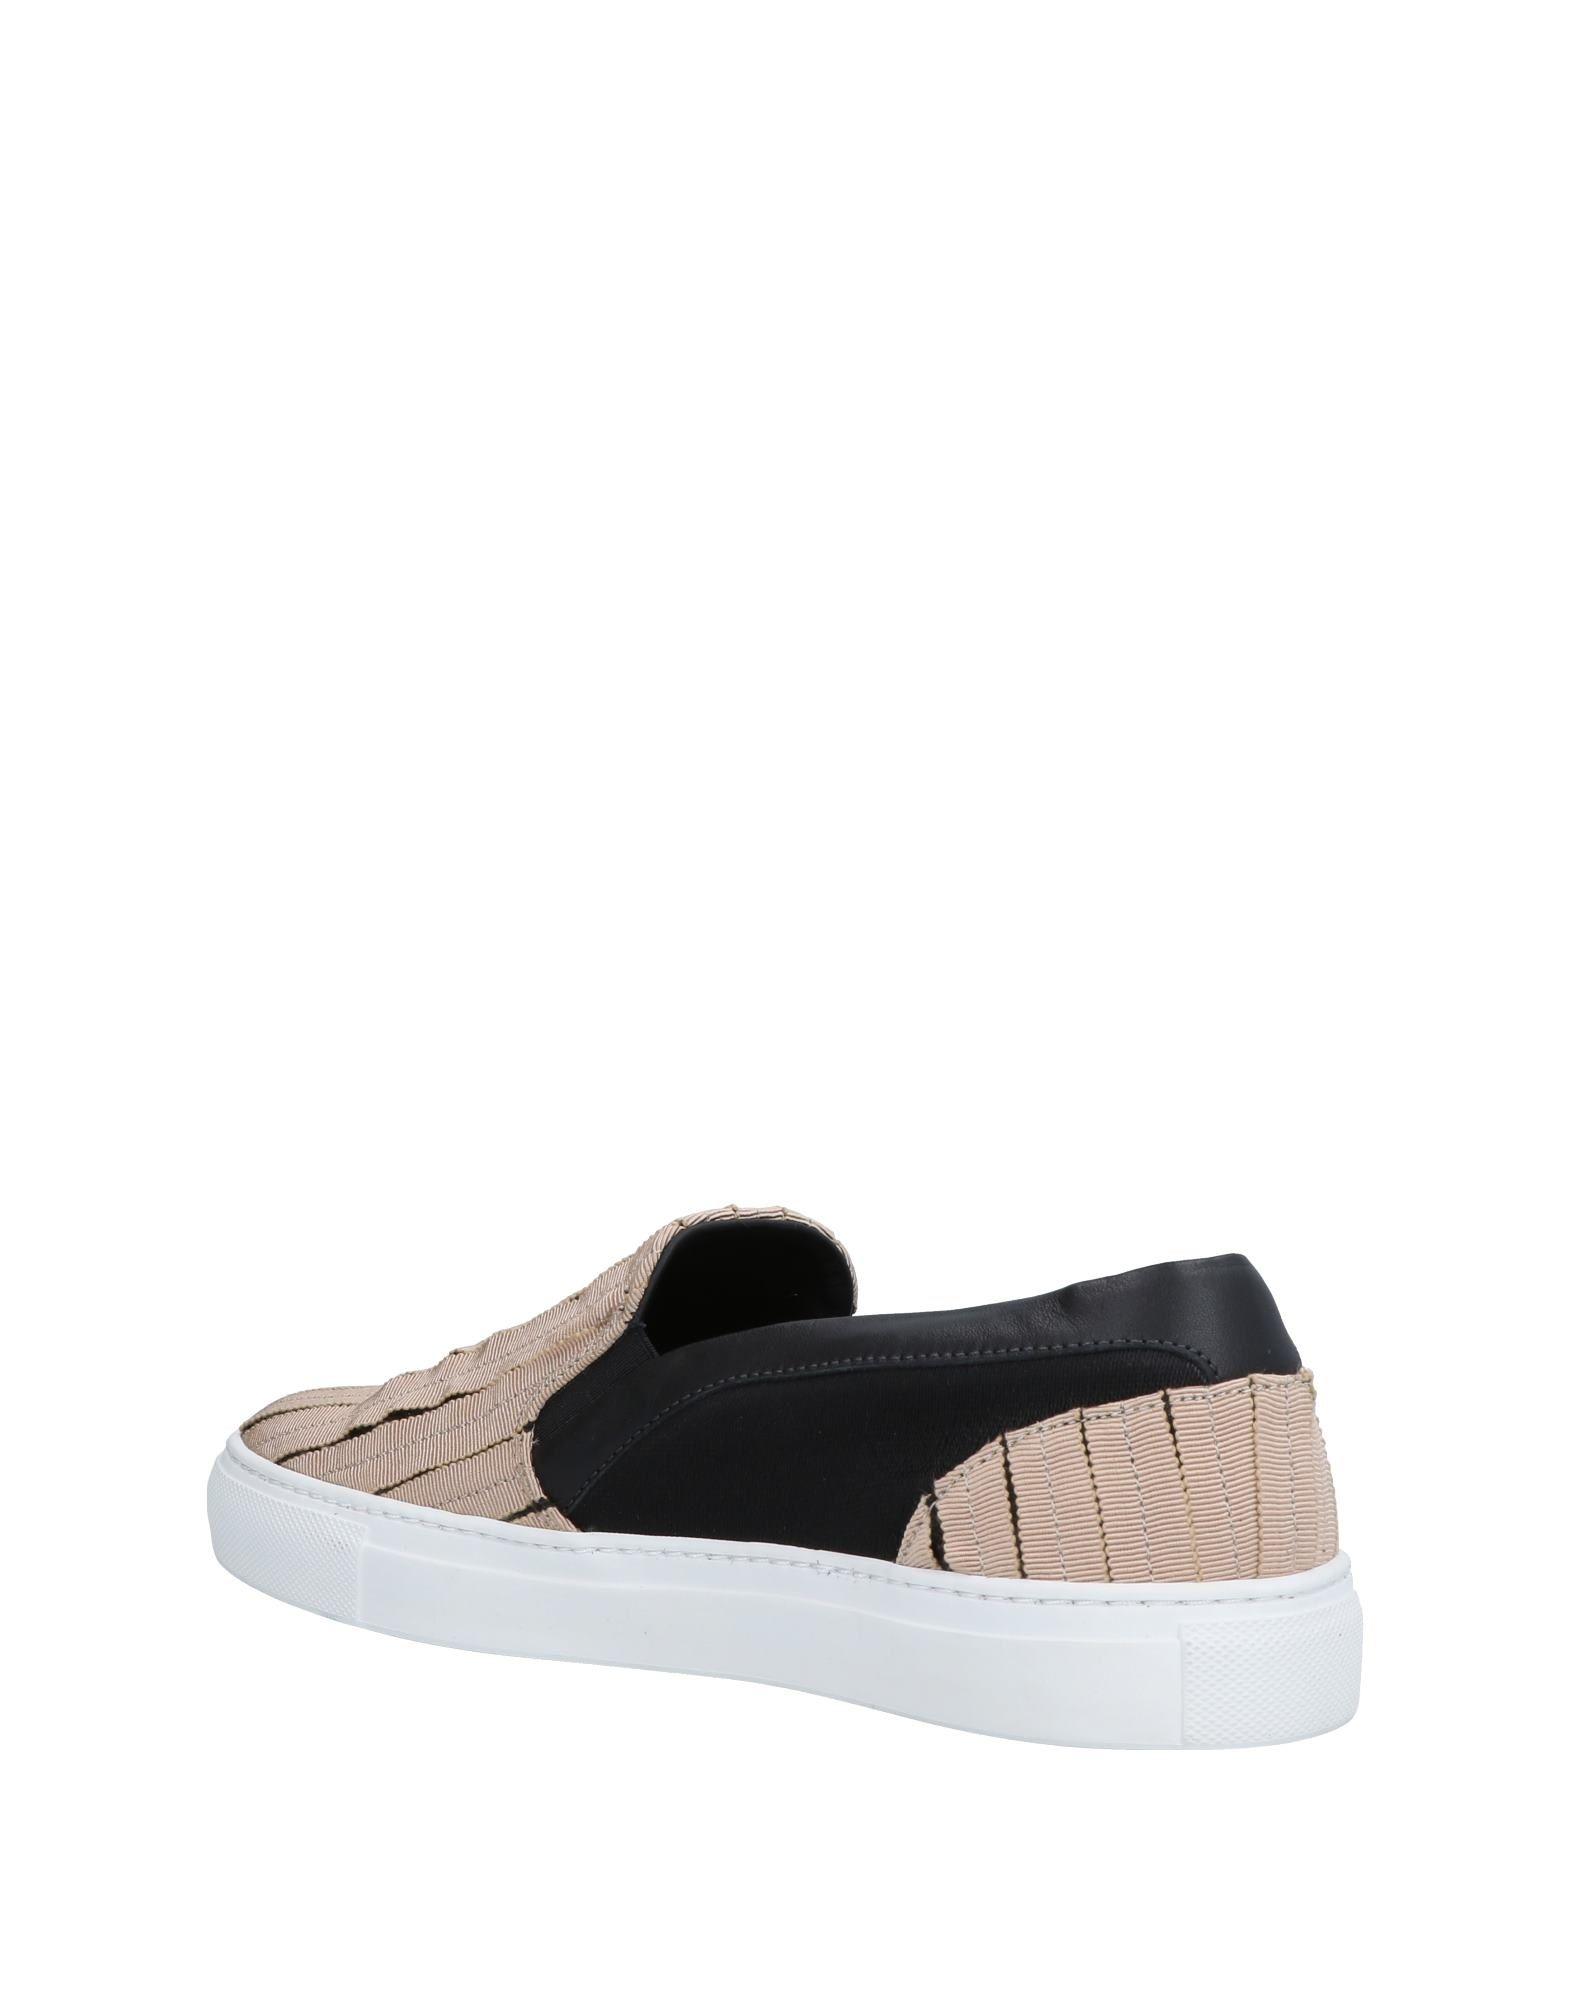 Armani Collezioni Sneakers - Women Armani Collezioni Sneakers online on on on  Canada - 11494862JN 18925e